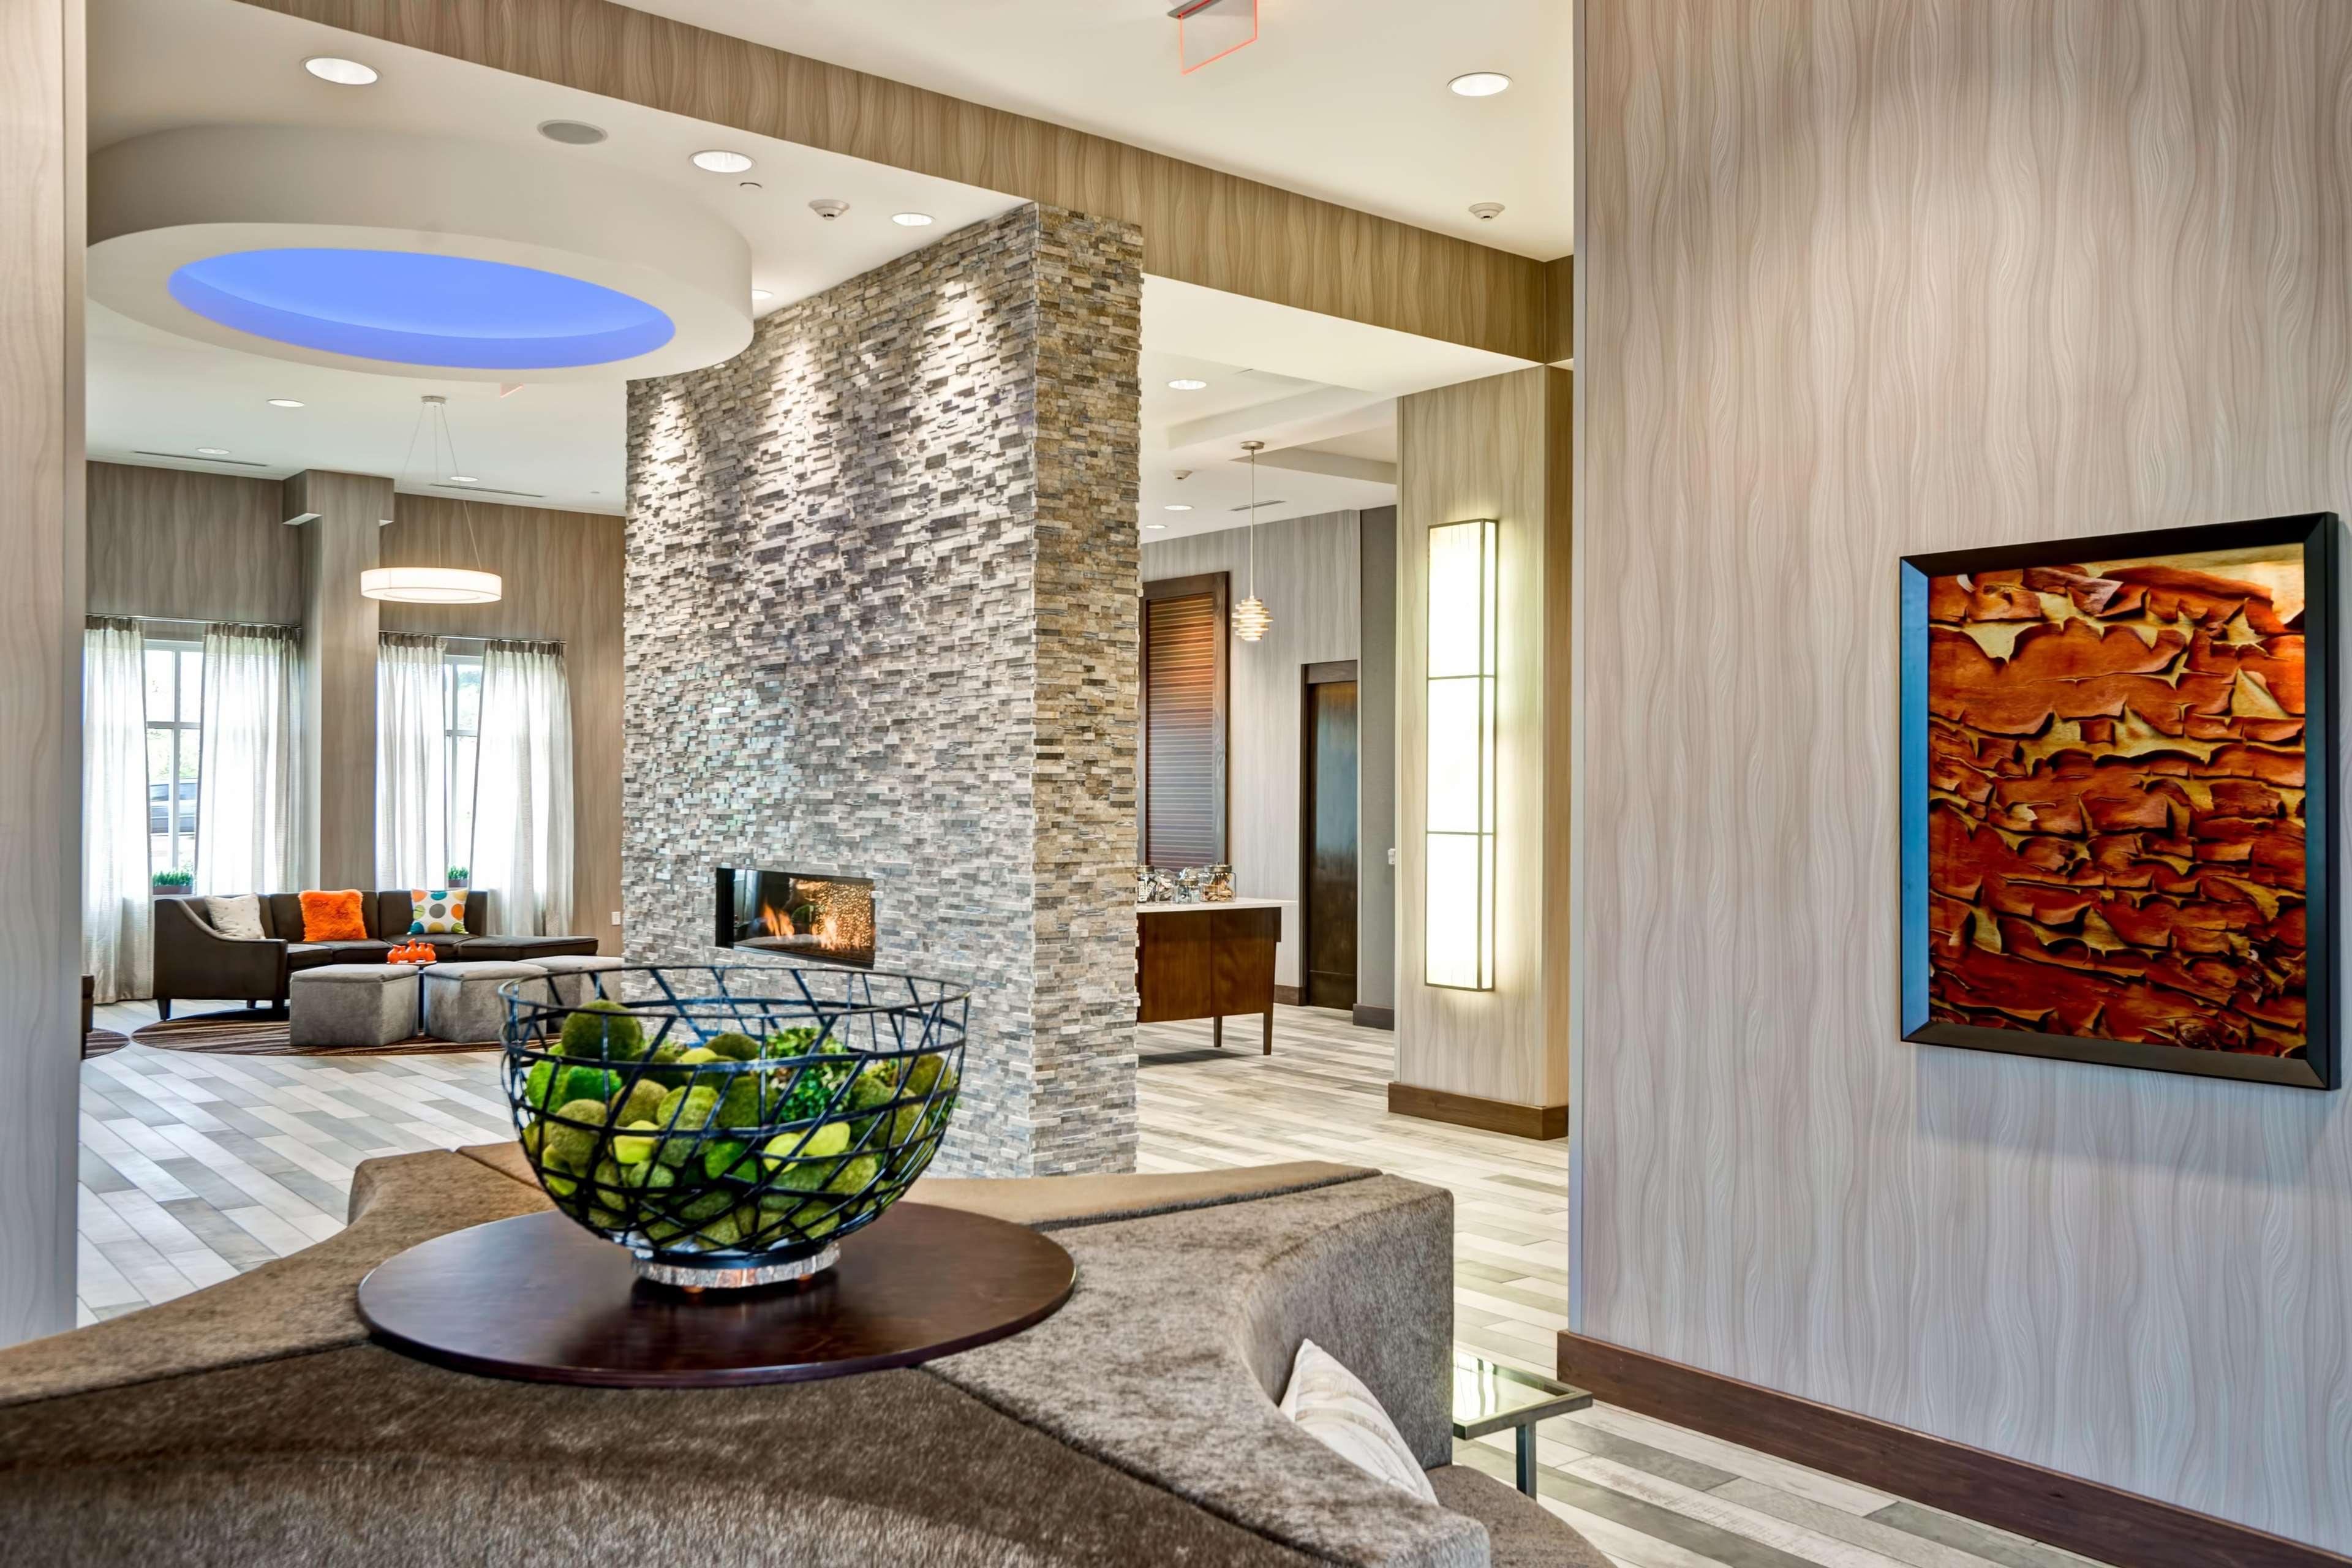 Homewood Suites by Hilton Nashville Franklin Cool Springs image 45